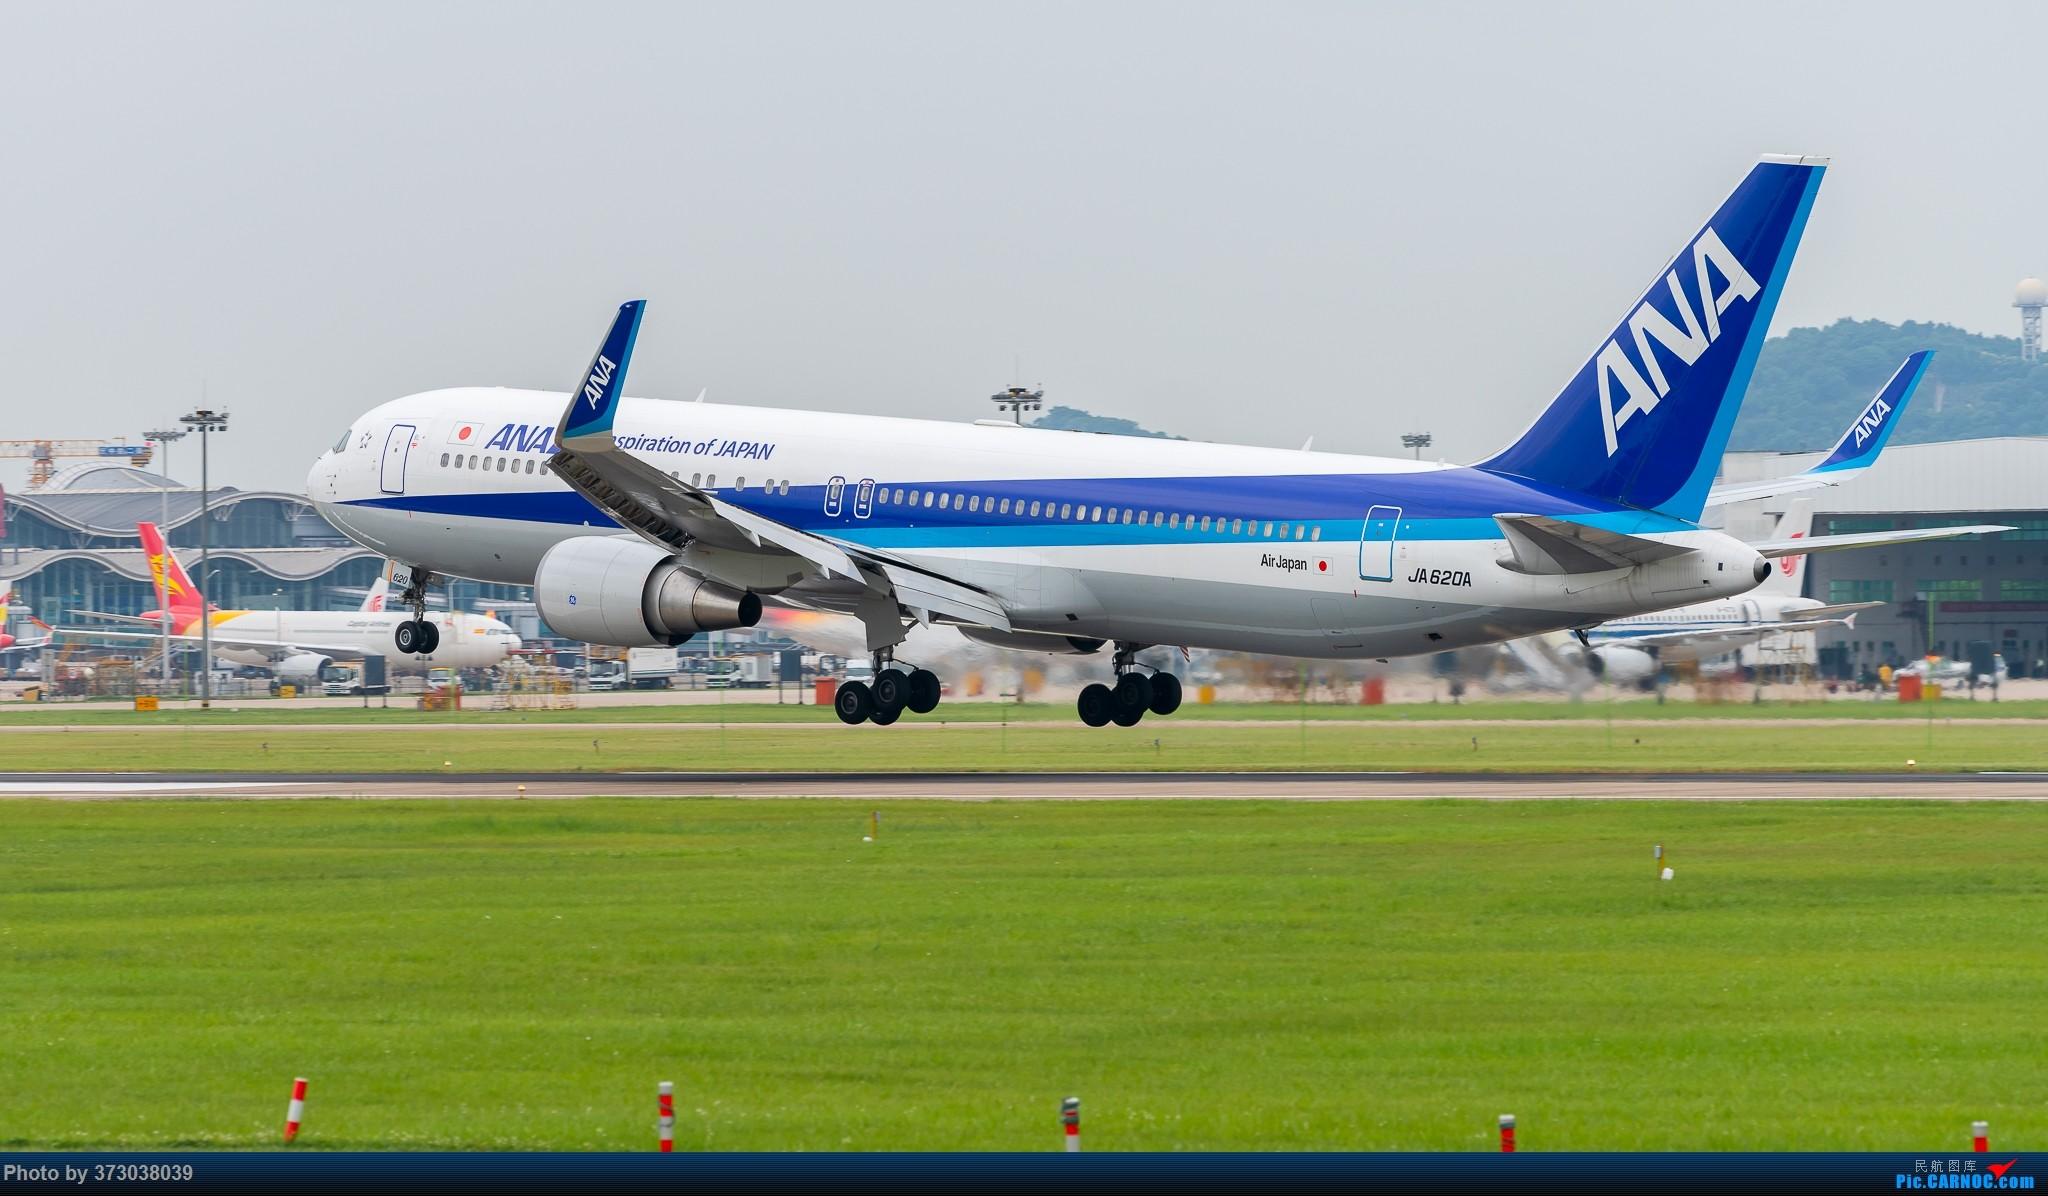 [原创]【杭州飞友会】全日空 波音767 回归杭州萧山国际机场 BOEING 767-300 JA620A 中国杭州萧山国际机场